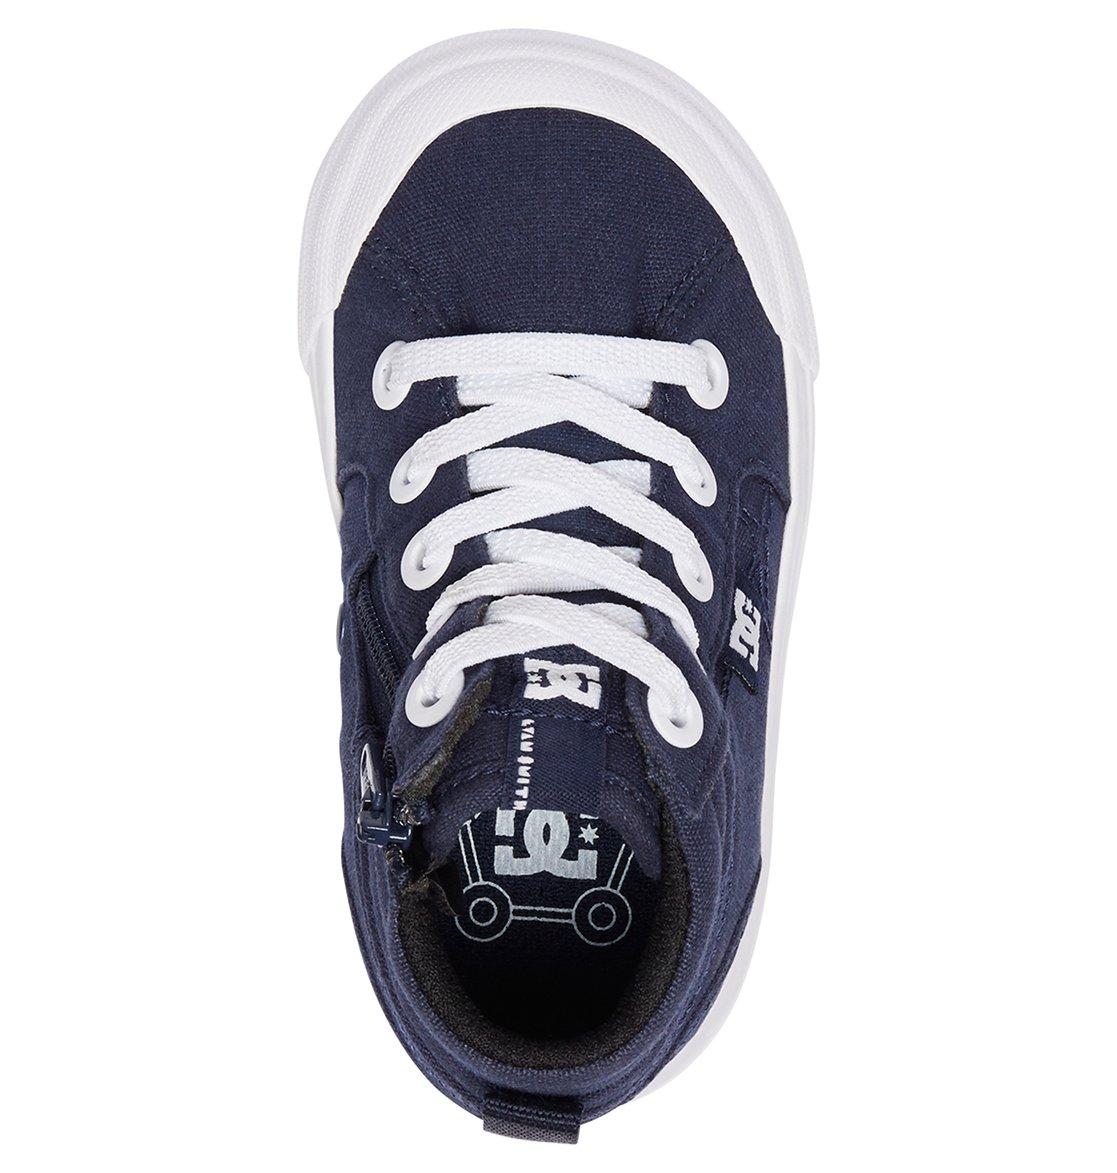 Dc Shoes - Dc Shoes Toddler S Evan Hi Adts300025 Navy KsPghlHMi